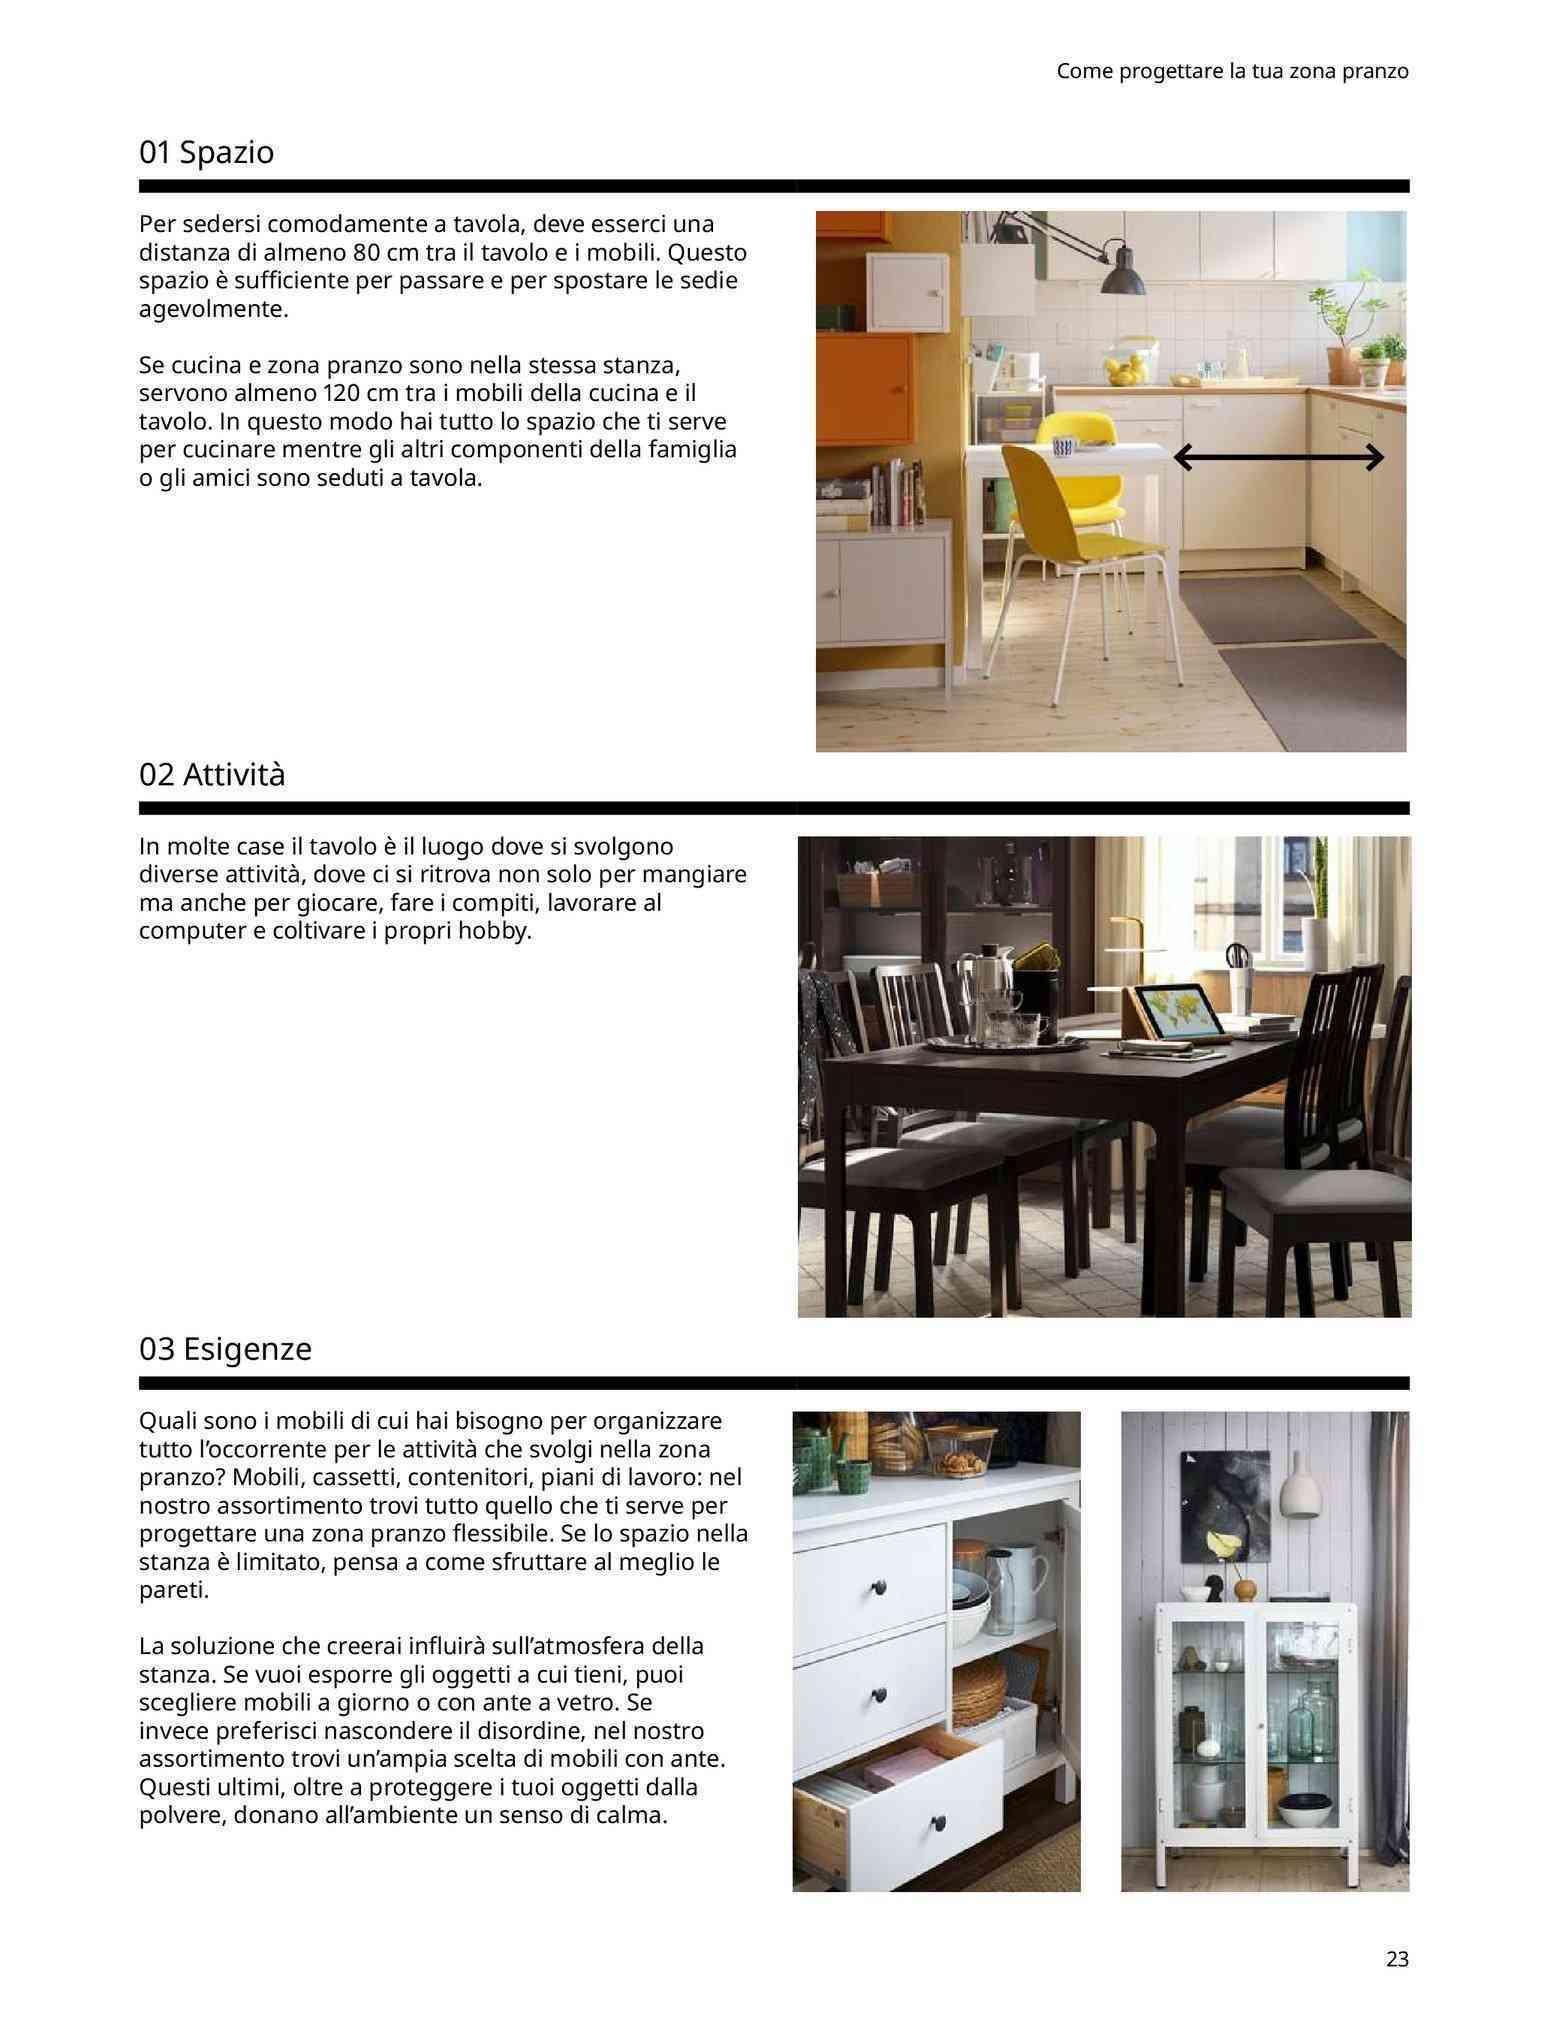 Come Progettare Cucina Ikea arredamento cucine genova, promozioni e sconti in volantino